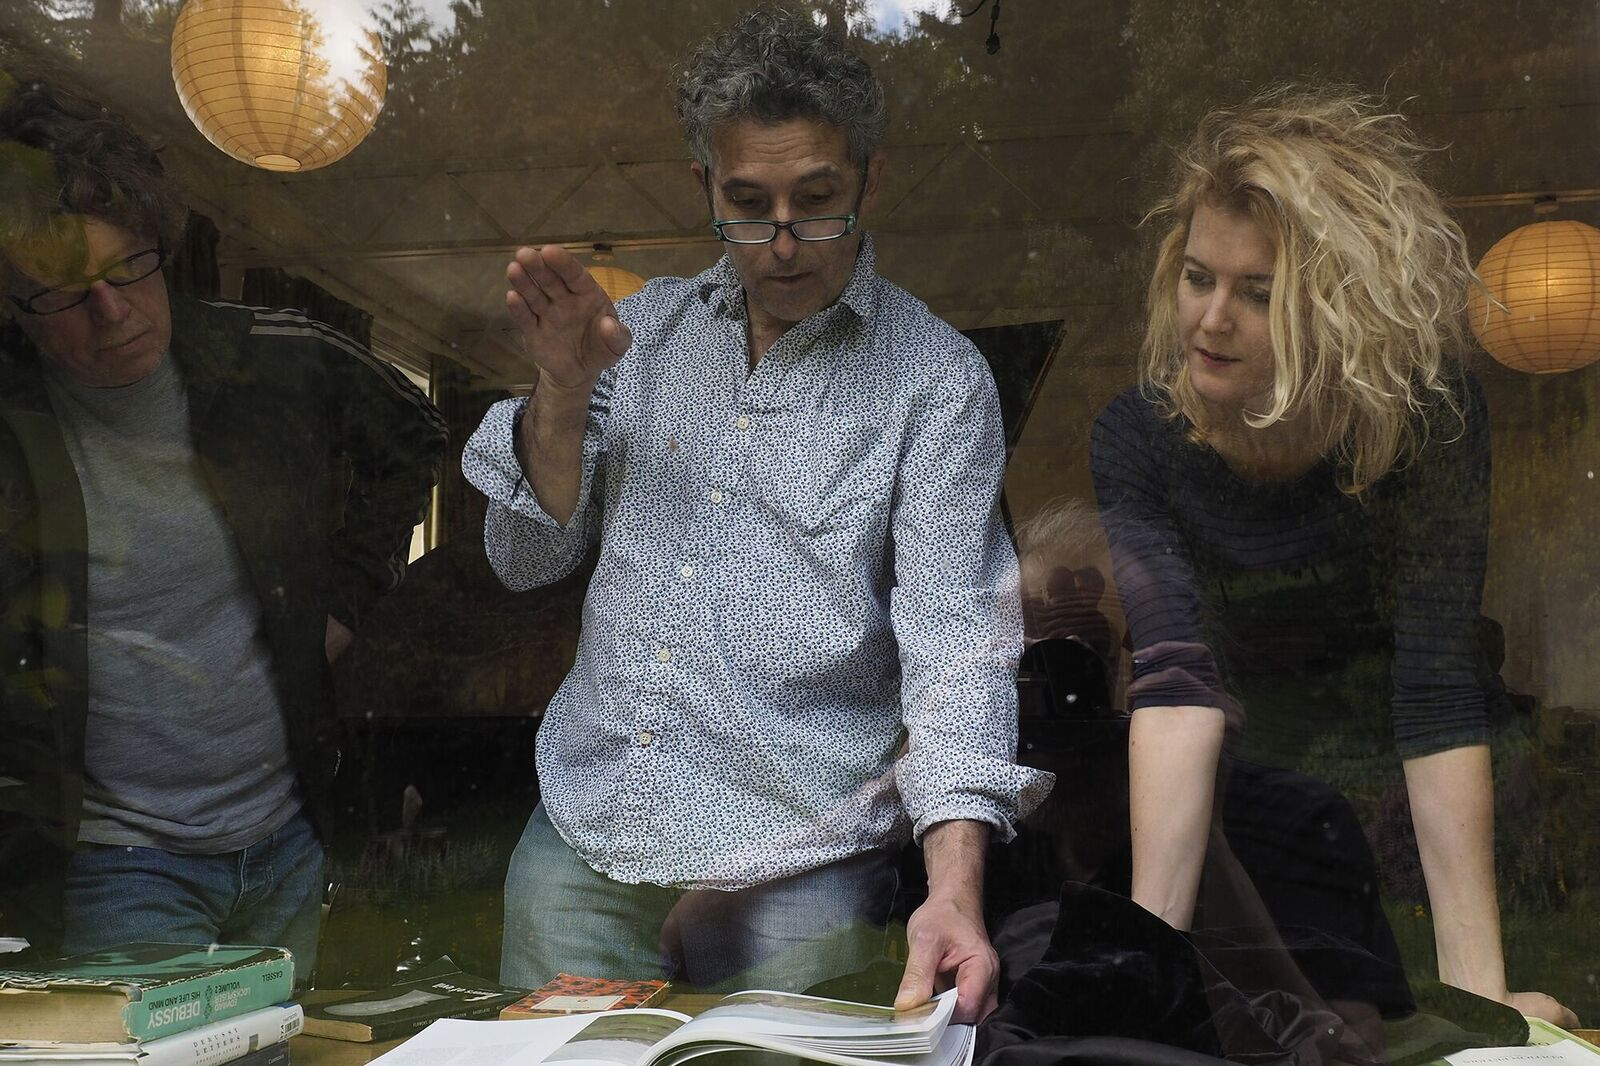 Martin, Steve and Alcyona take a break